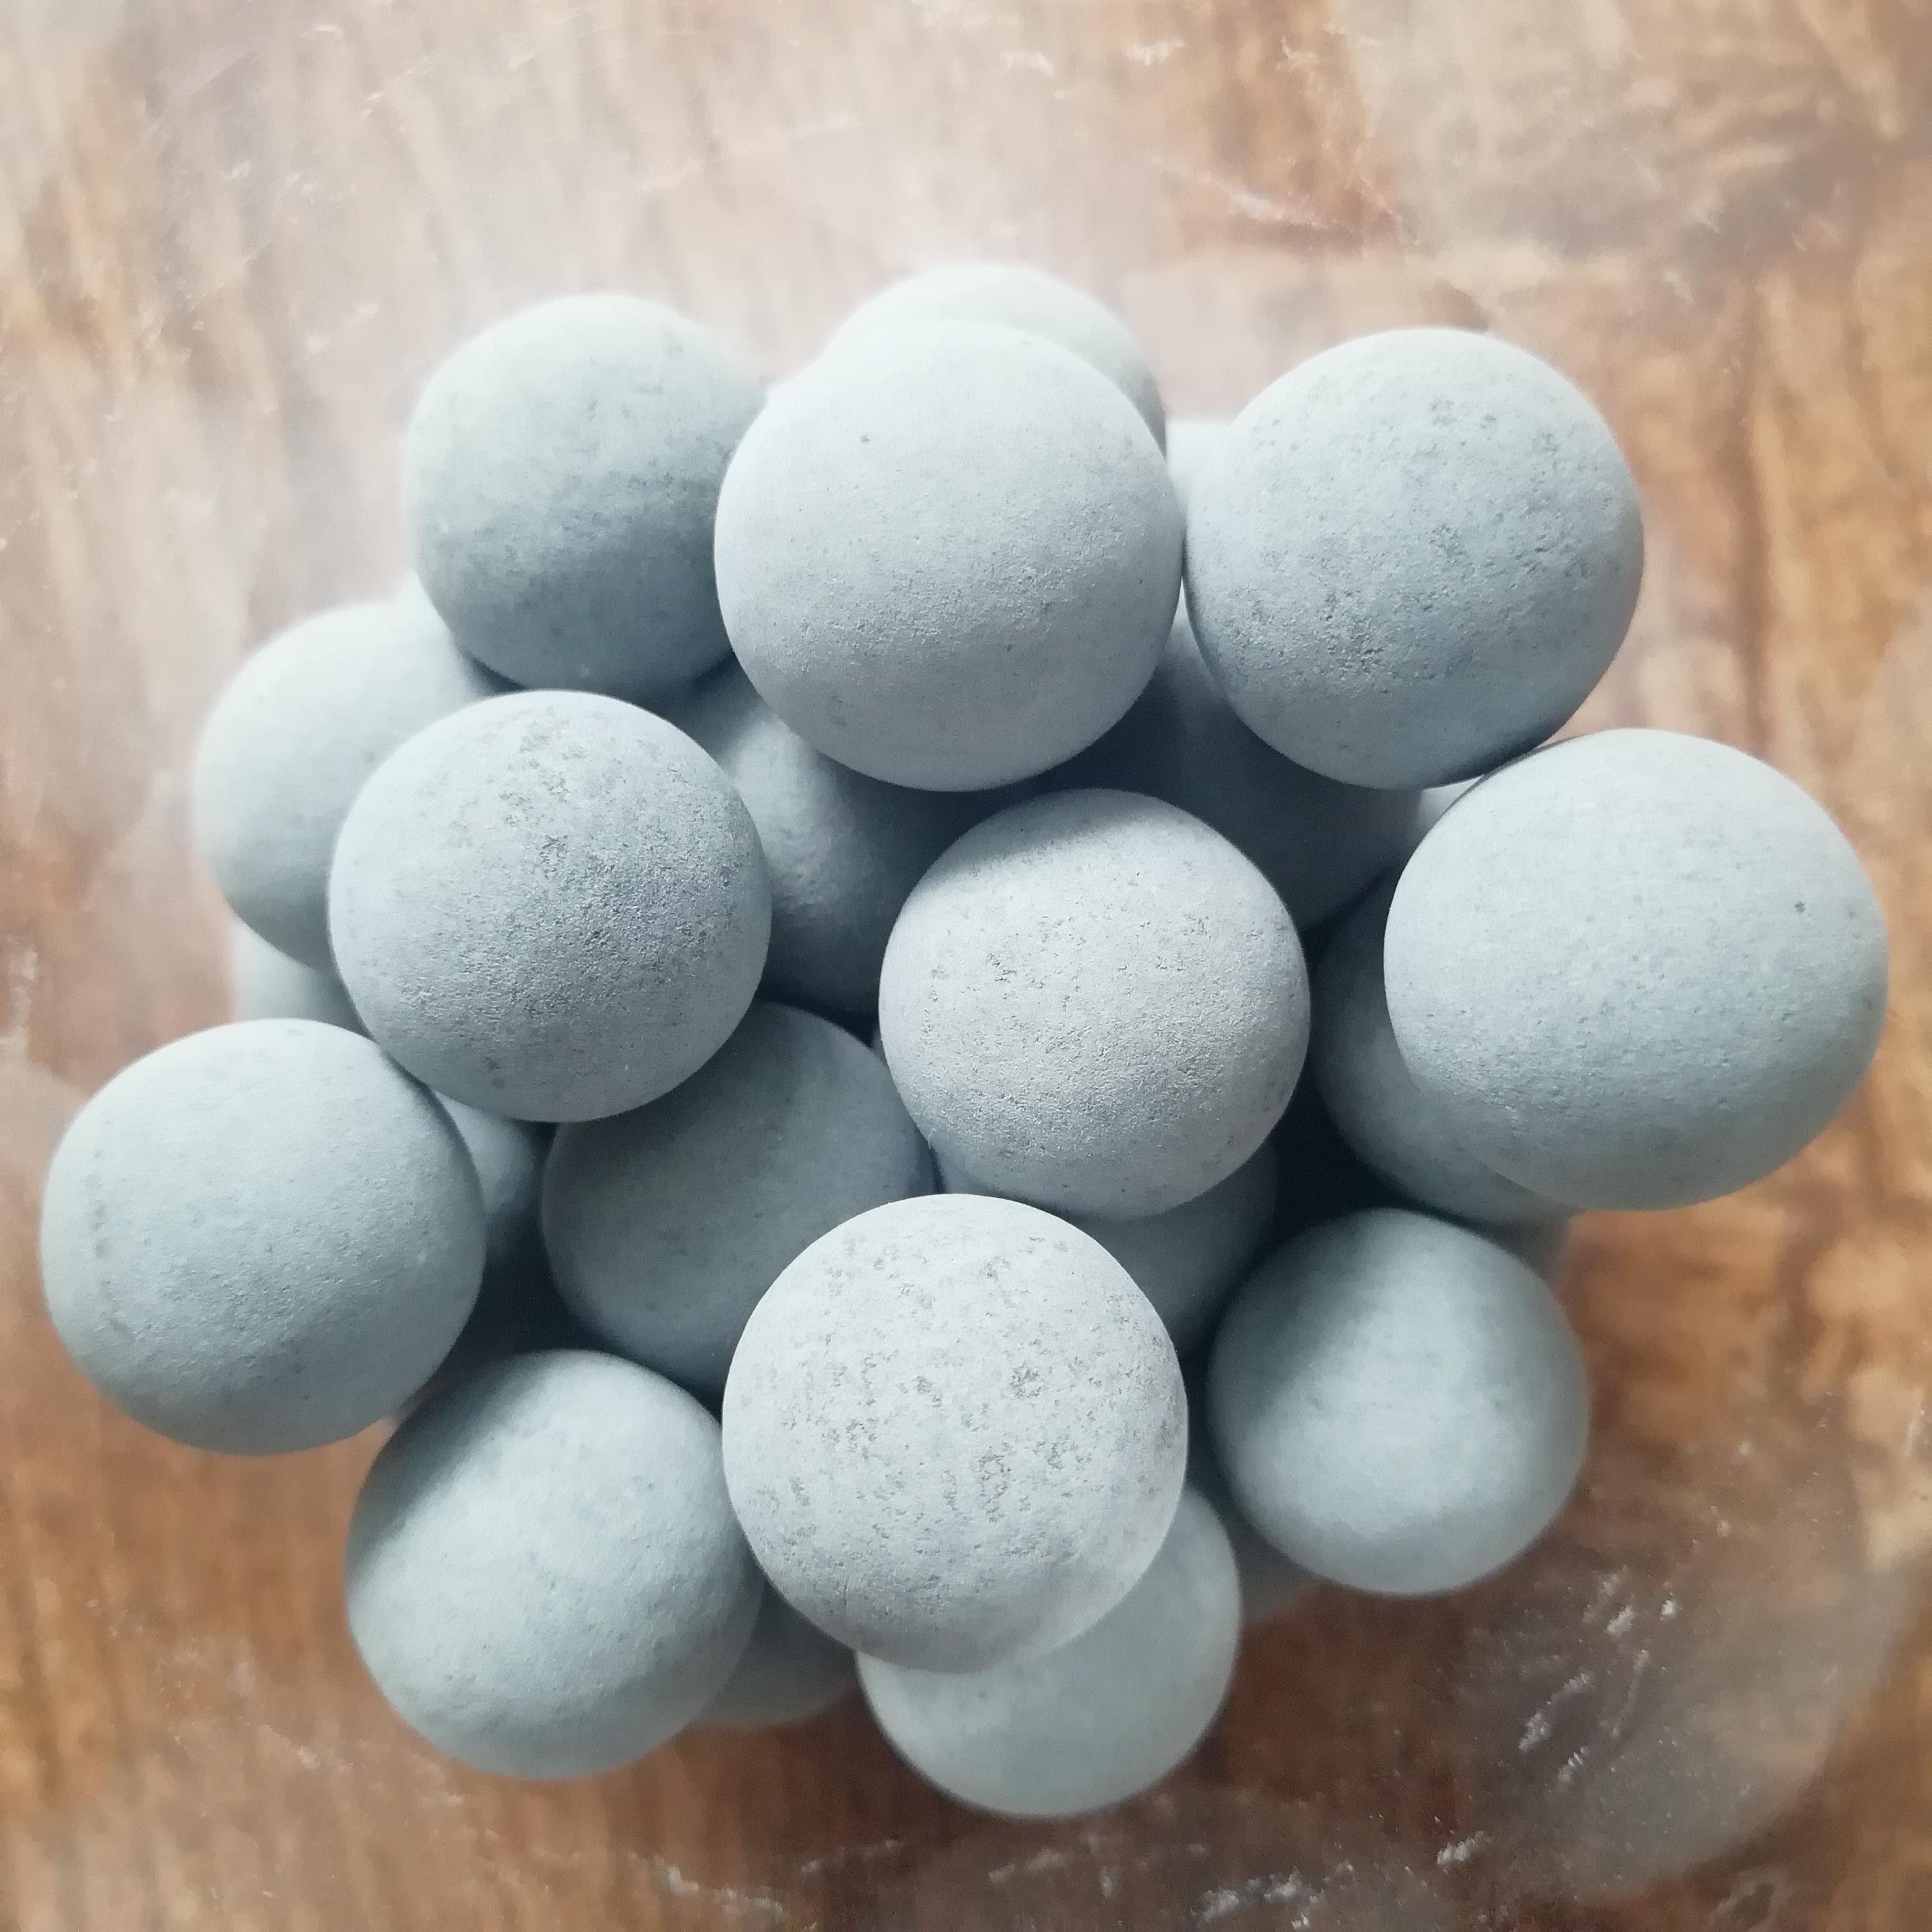 供应托玛琳球 电气石陶瓷球 麦饭石球 多种规格麦饭石陶瓷球 托玛琳球电气石陶瓷球